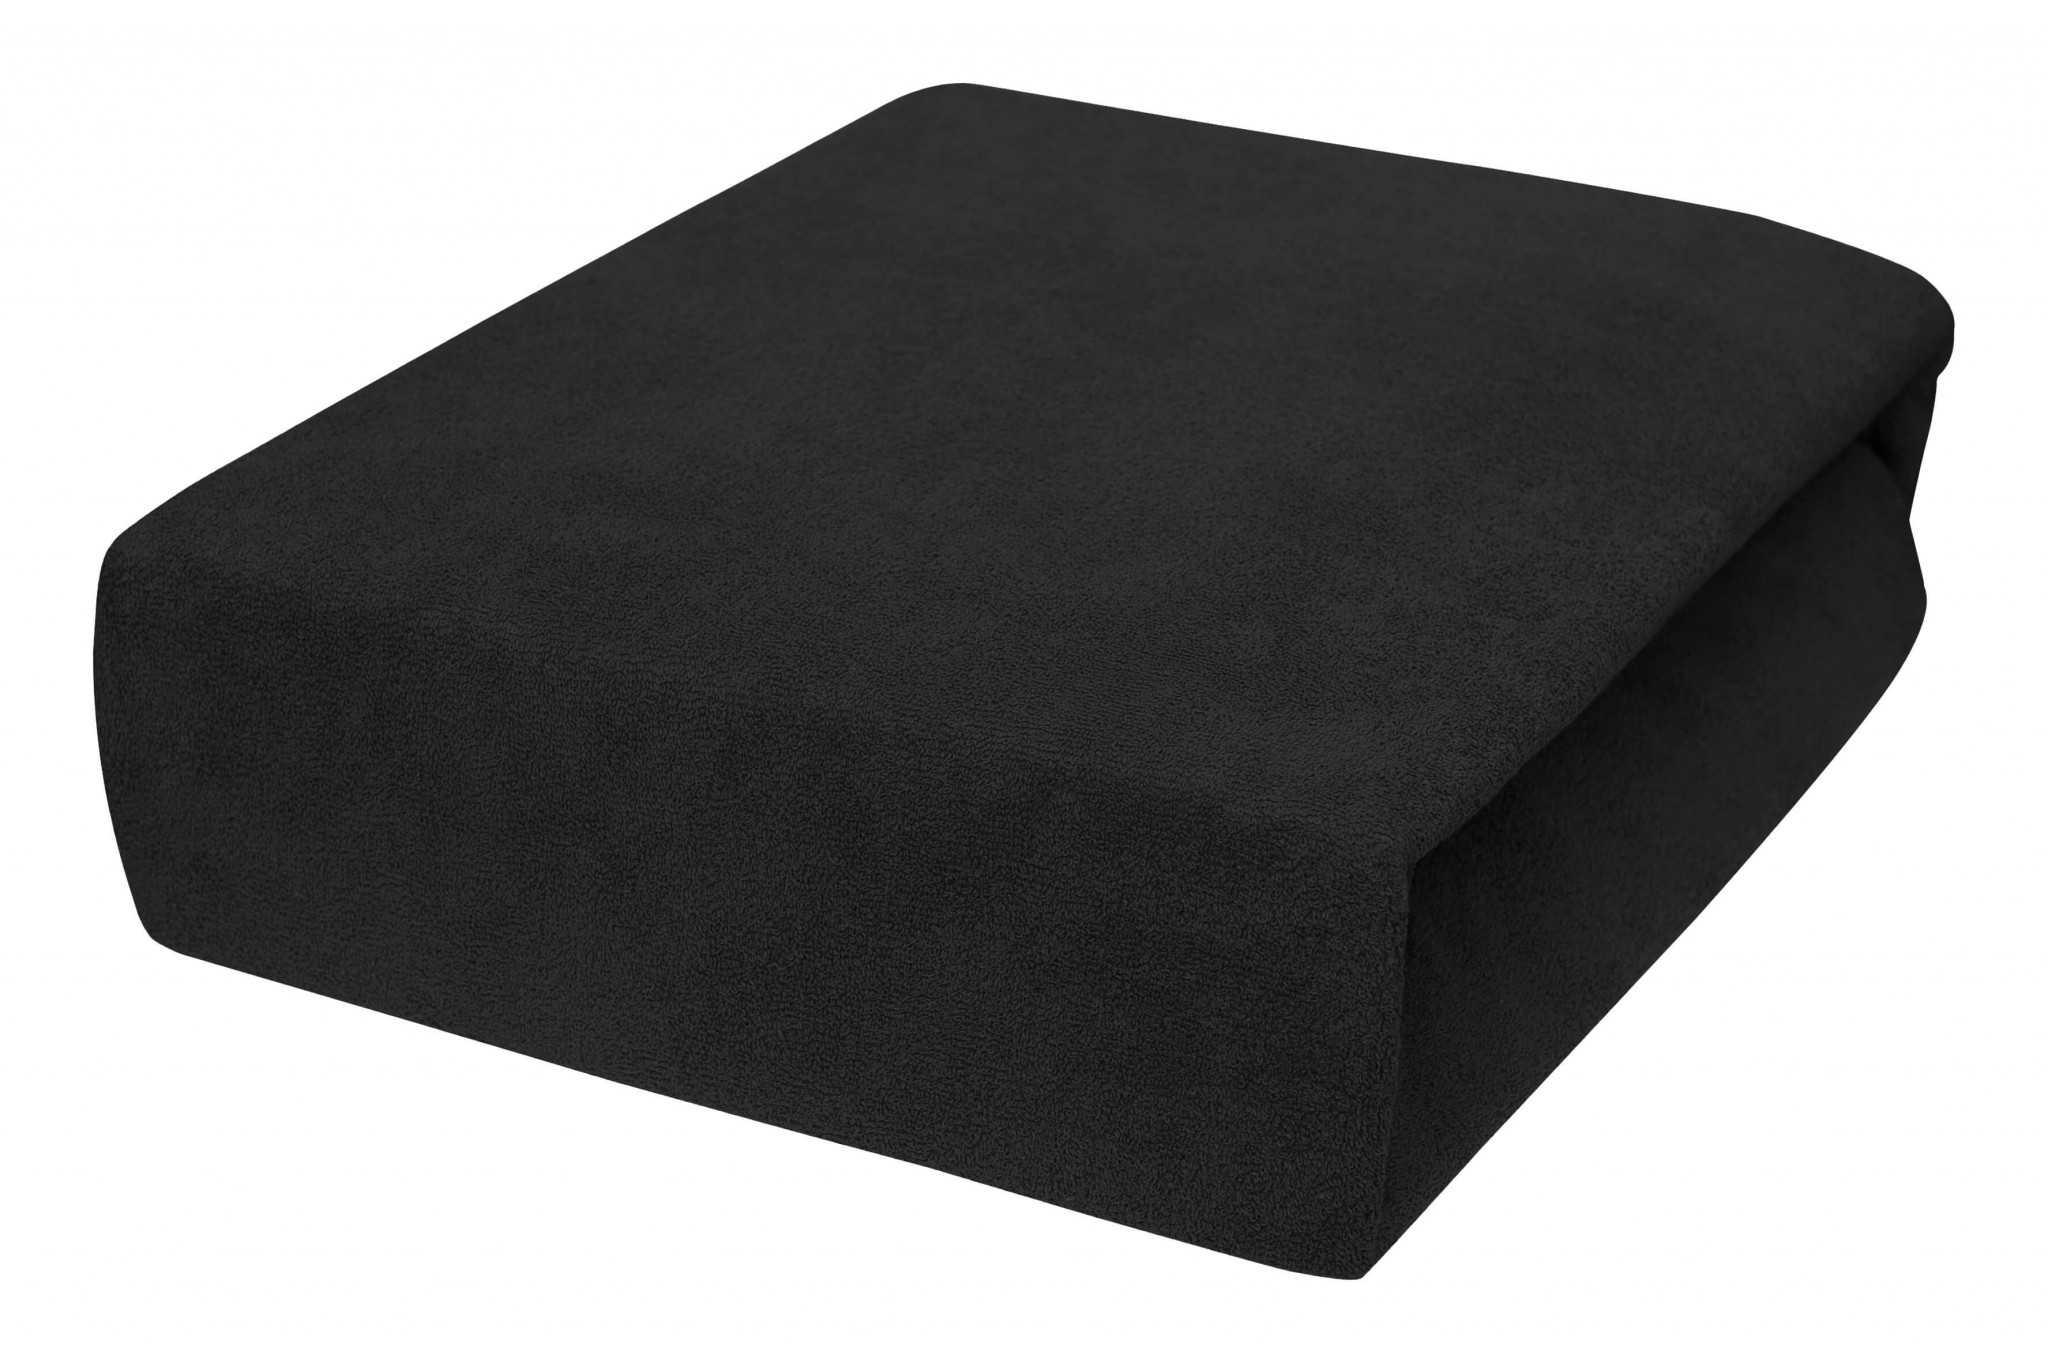 Schwarz Jersey Spannbettlaken mit Gummizug